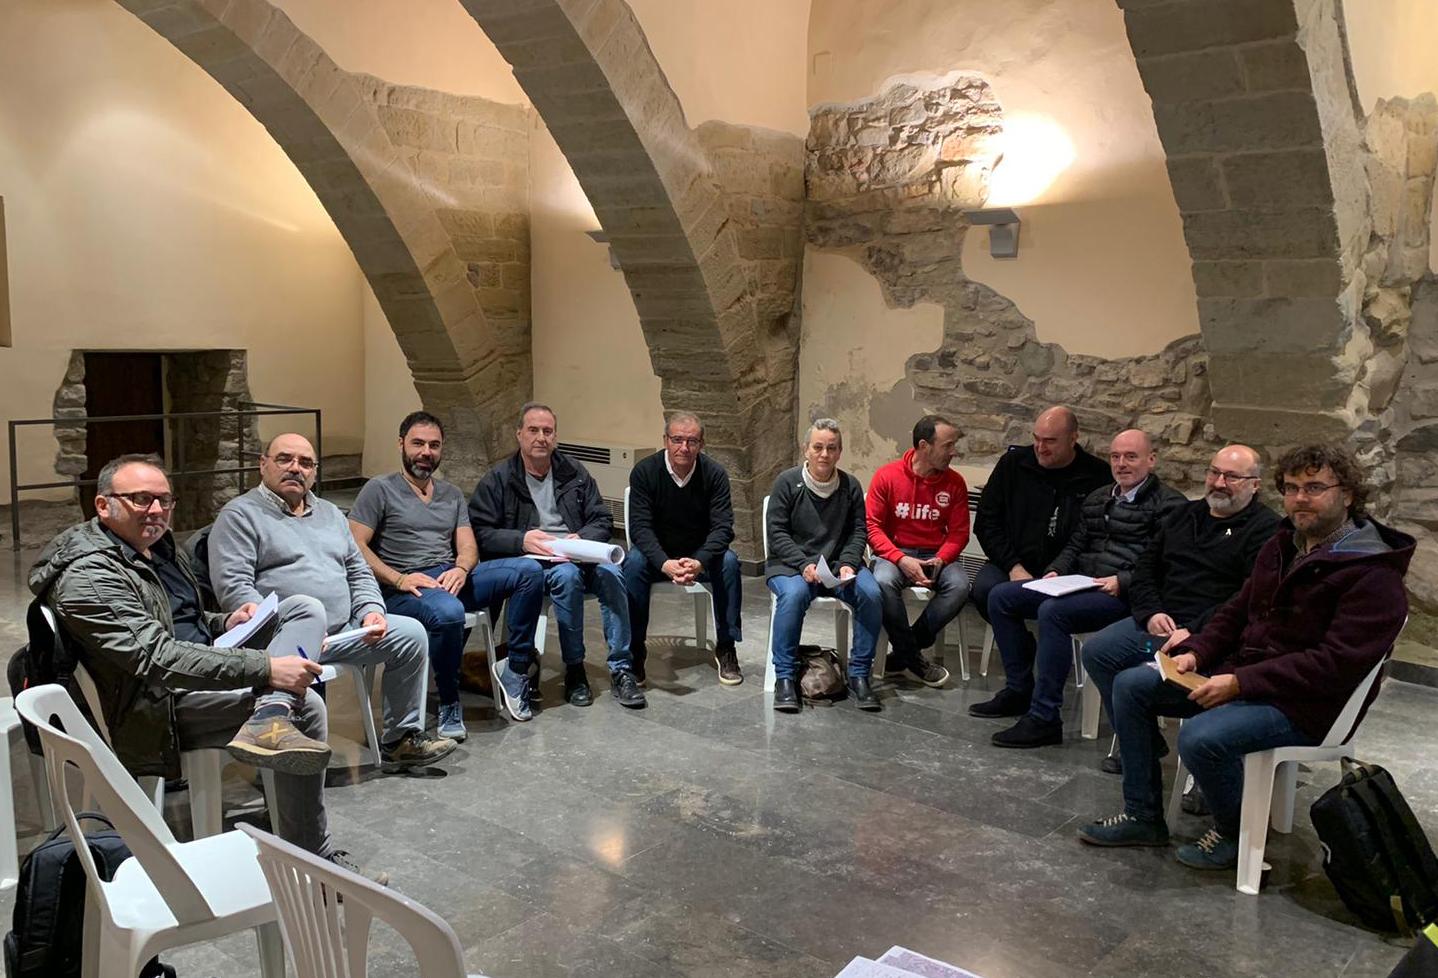 Pla obert de la reunió amb representants de nou ajuntaments per on discorre el riu Ondara celebrada a Barbens, el 26 de febrer del 2020. (Horitzontal)